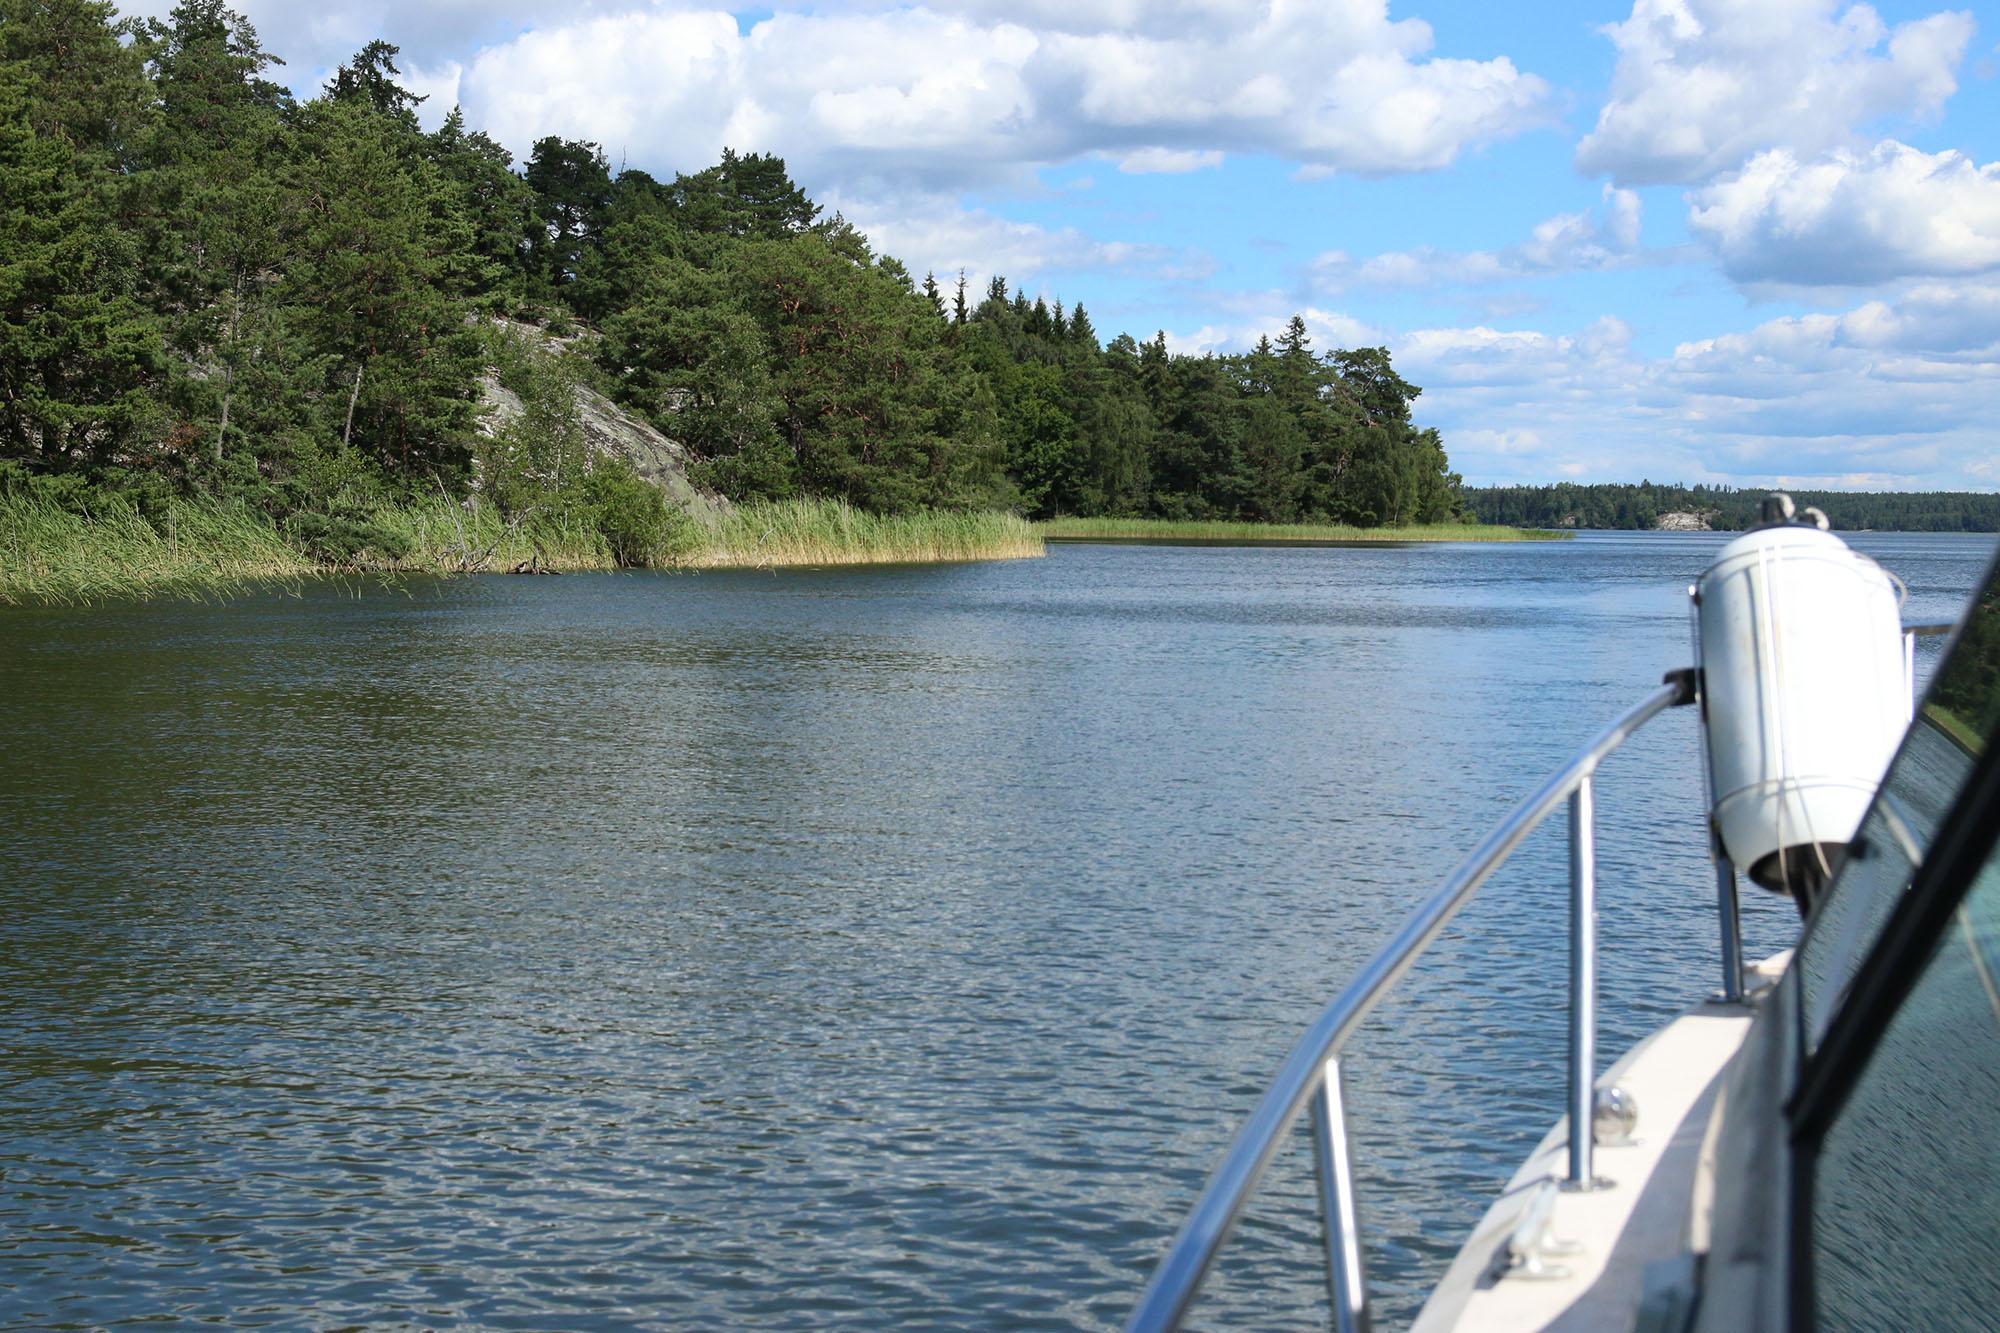 IMG_4505 båtliv x